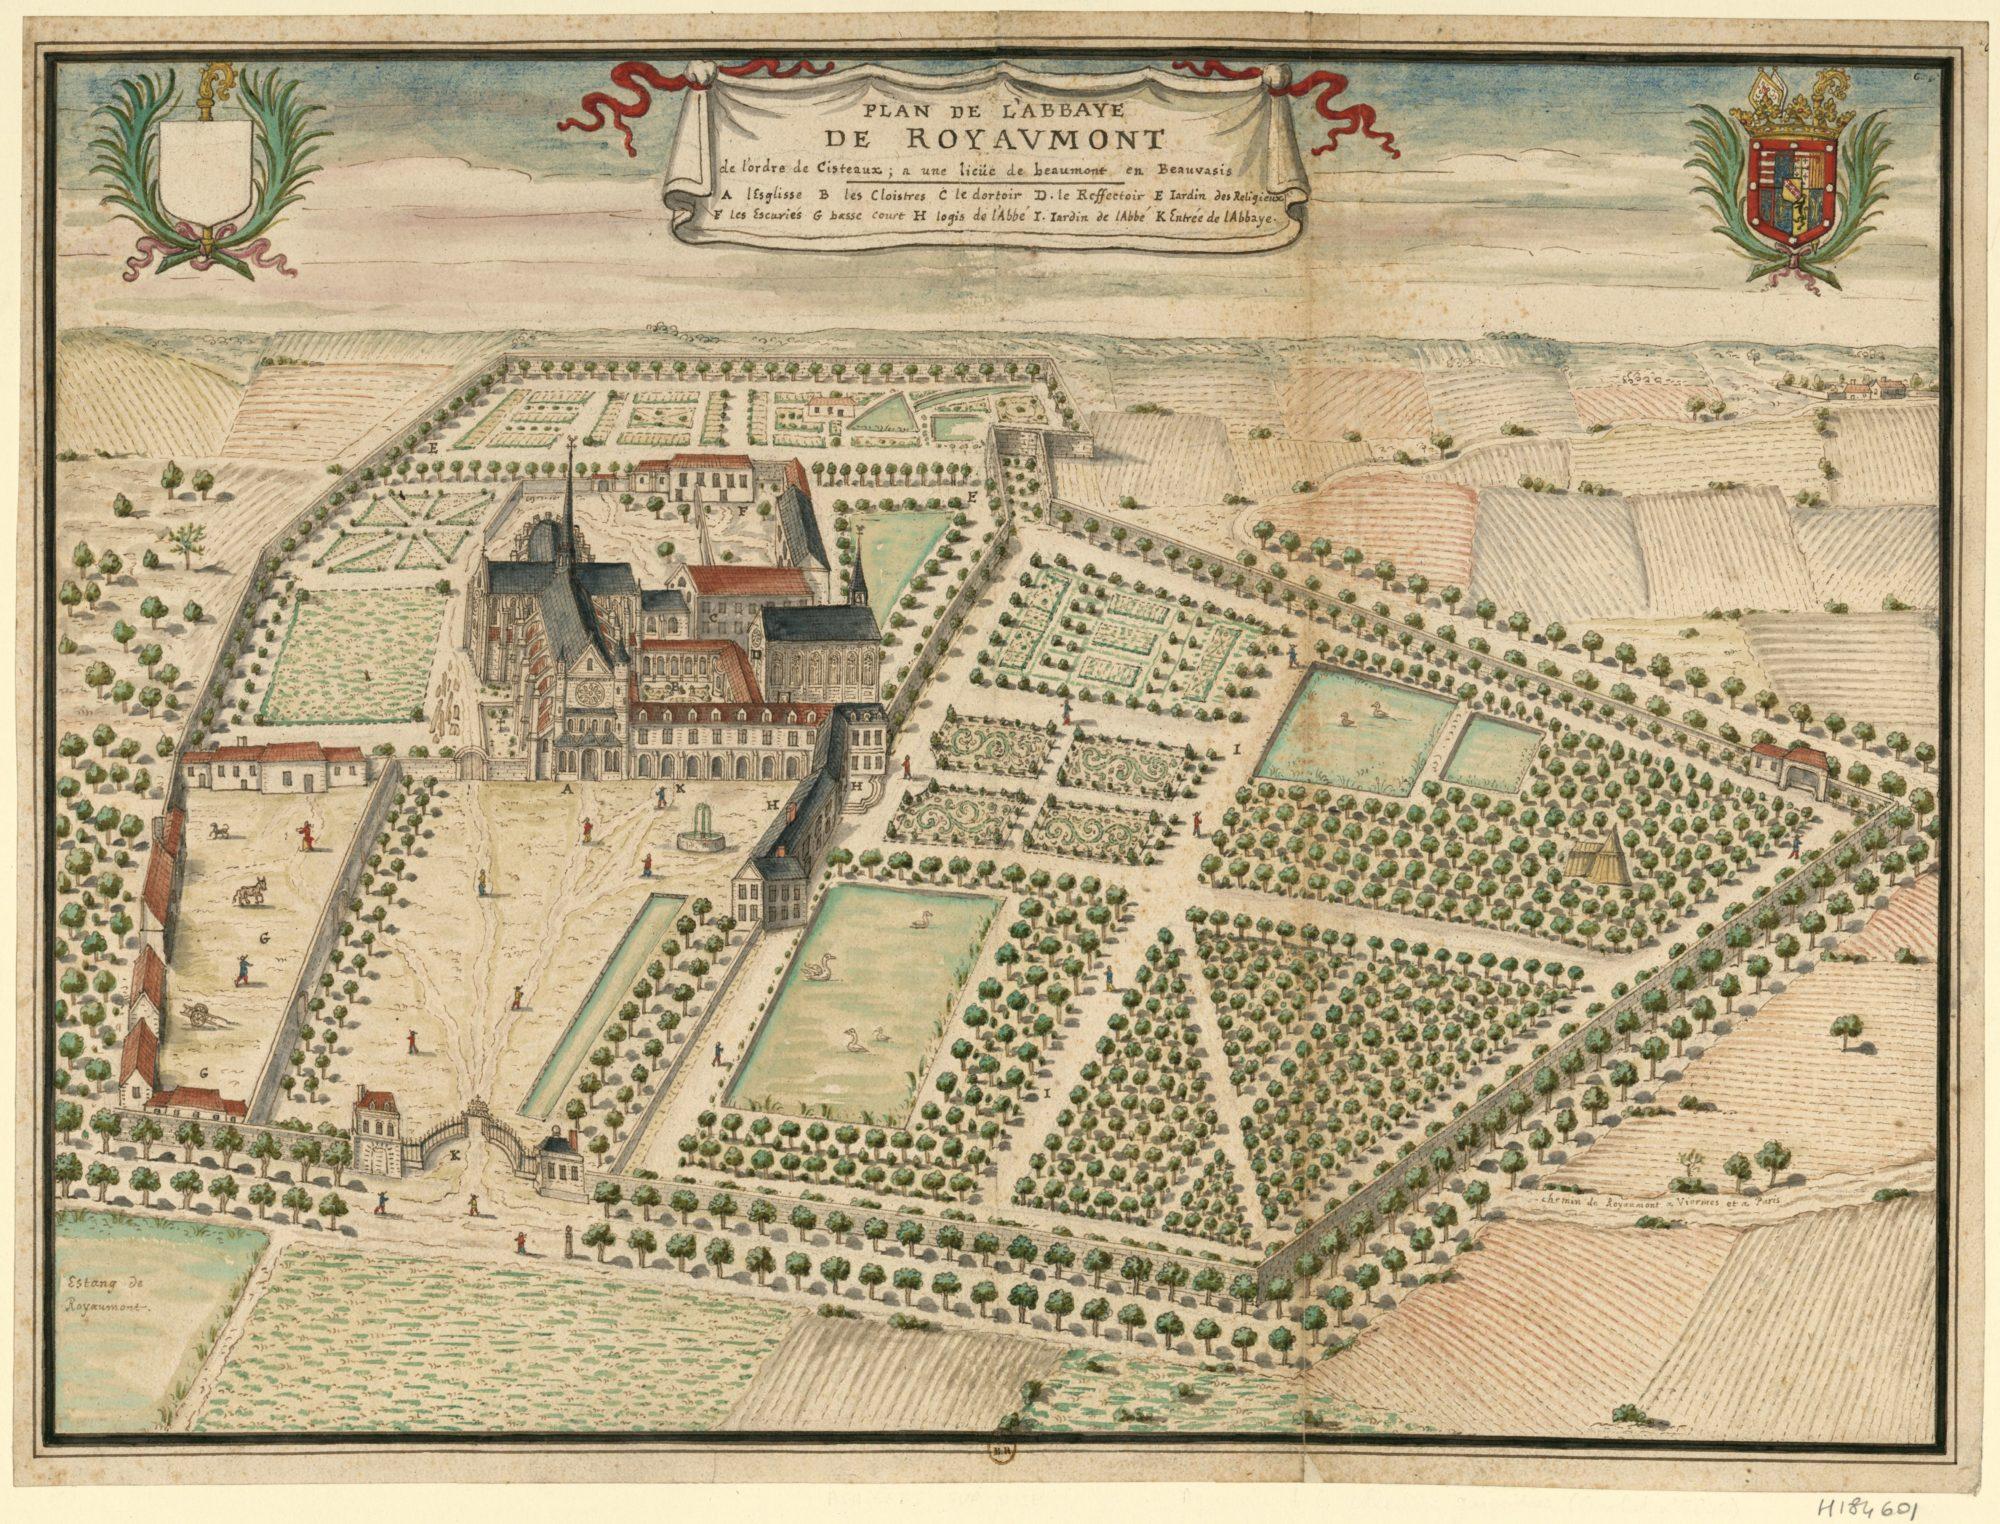 Royaumont, abbaye royale dans le Beauvaisis […] vers 1704, par Louis Boudan © Bibliothèque nationale de France